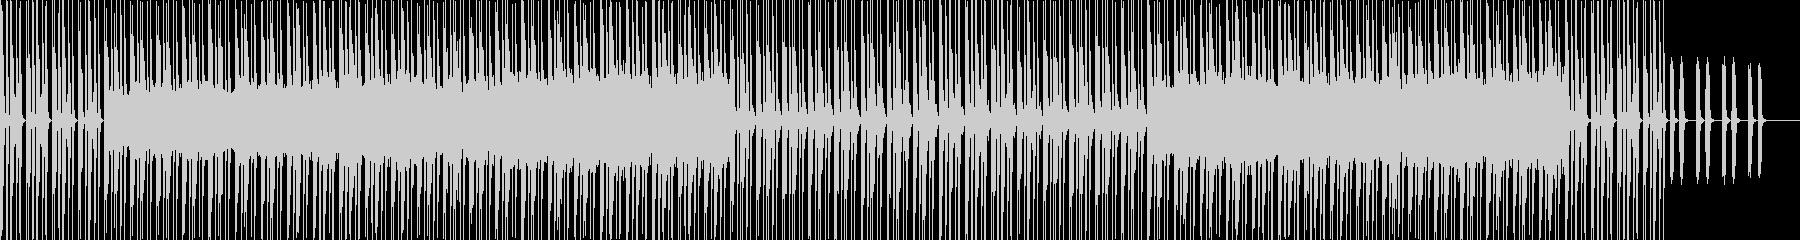 潜入シーン等をイメージした曲です。の未再生の波形